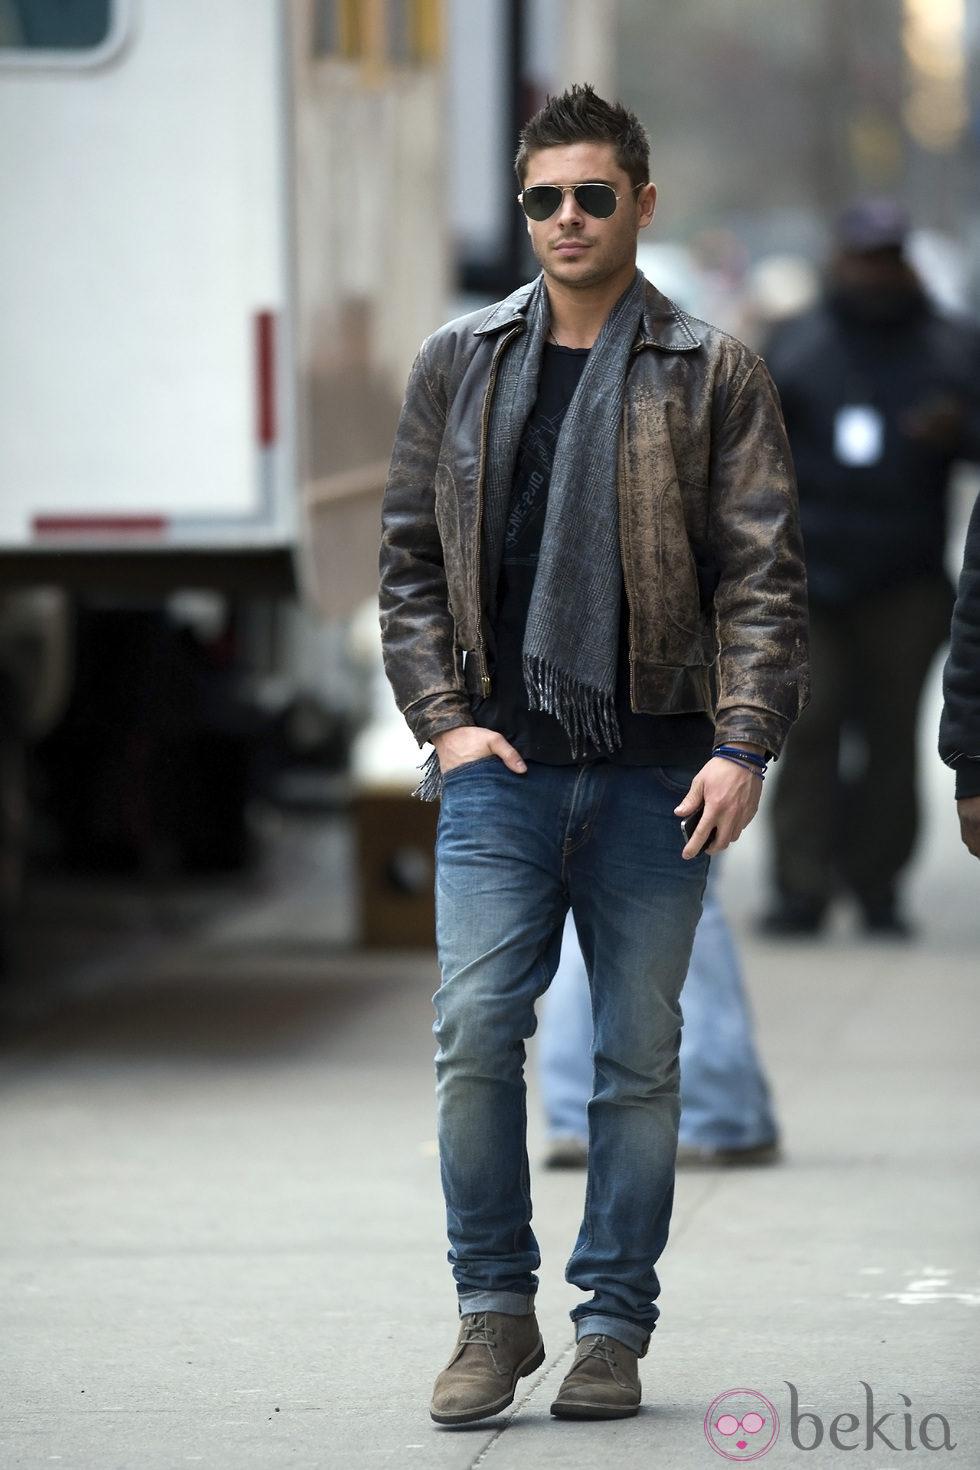 86eb0f8a618dd Zac Efron con jeans y chaqueta de cuero - El estilismo de Zac Efron ...